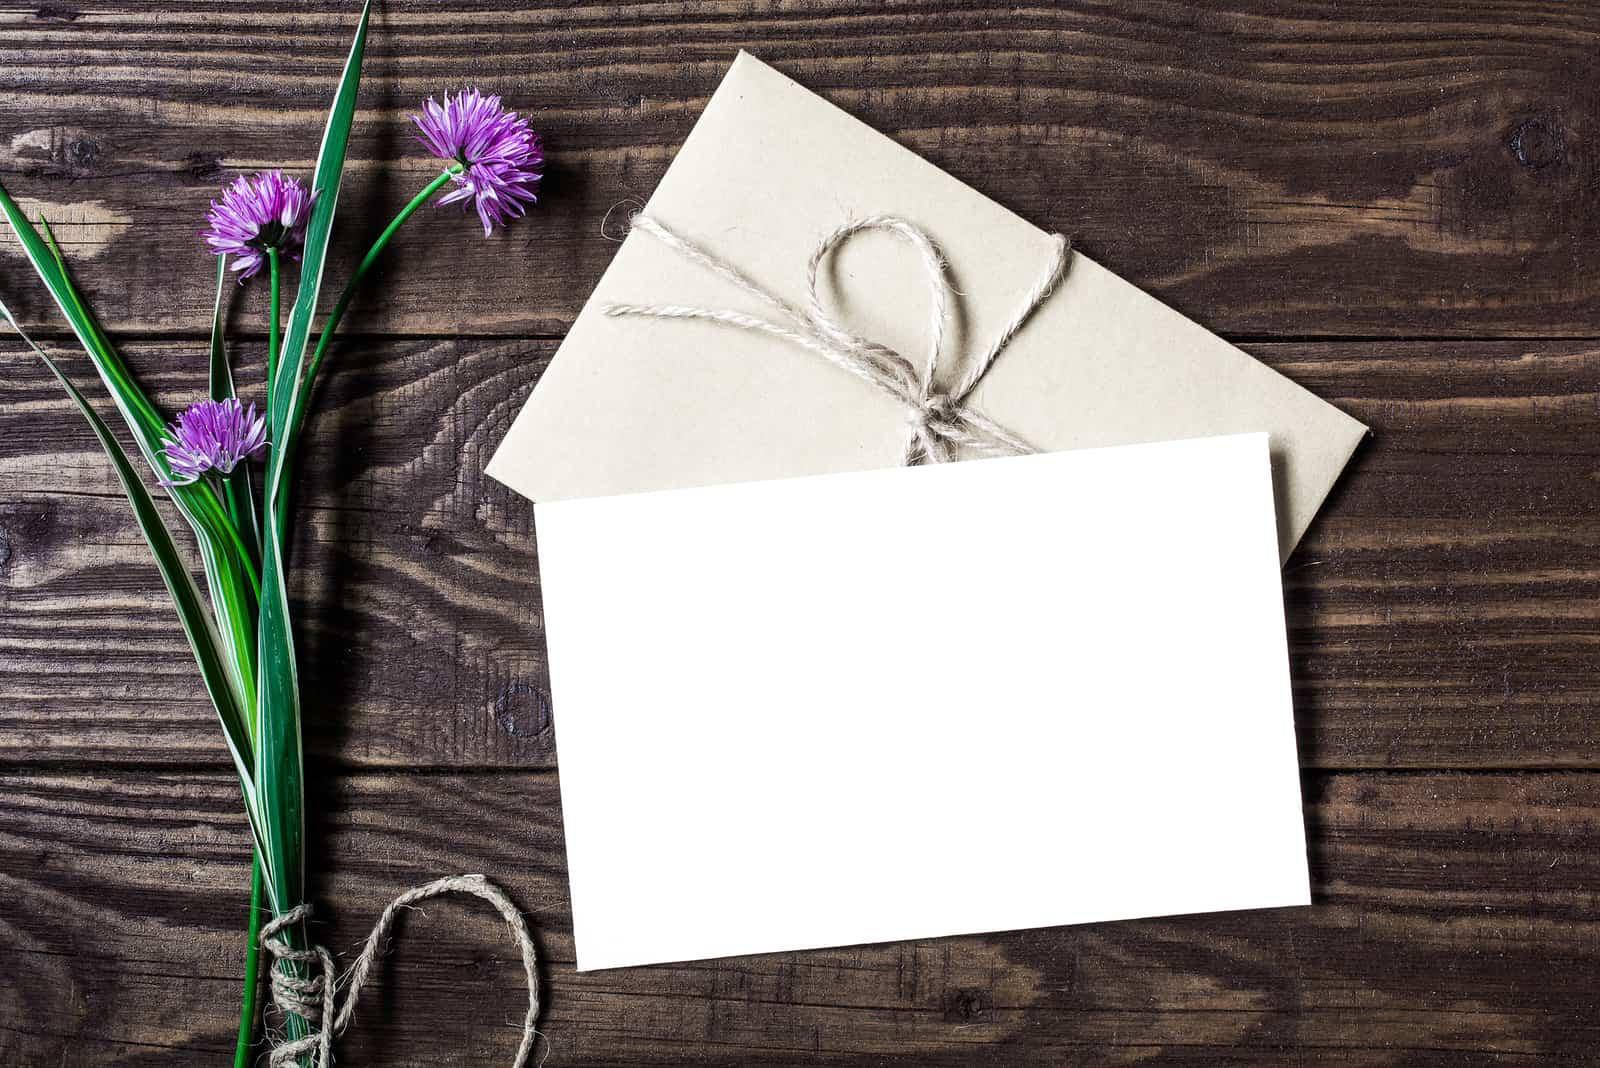 Strauß lila Wildblumen und leere weiße Grußkarte